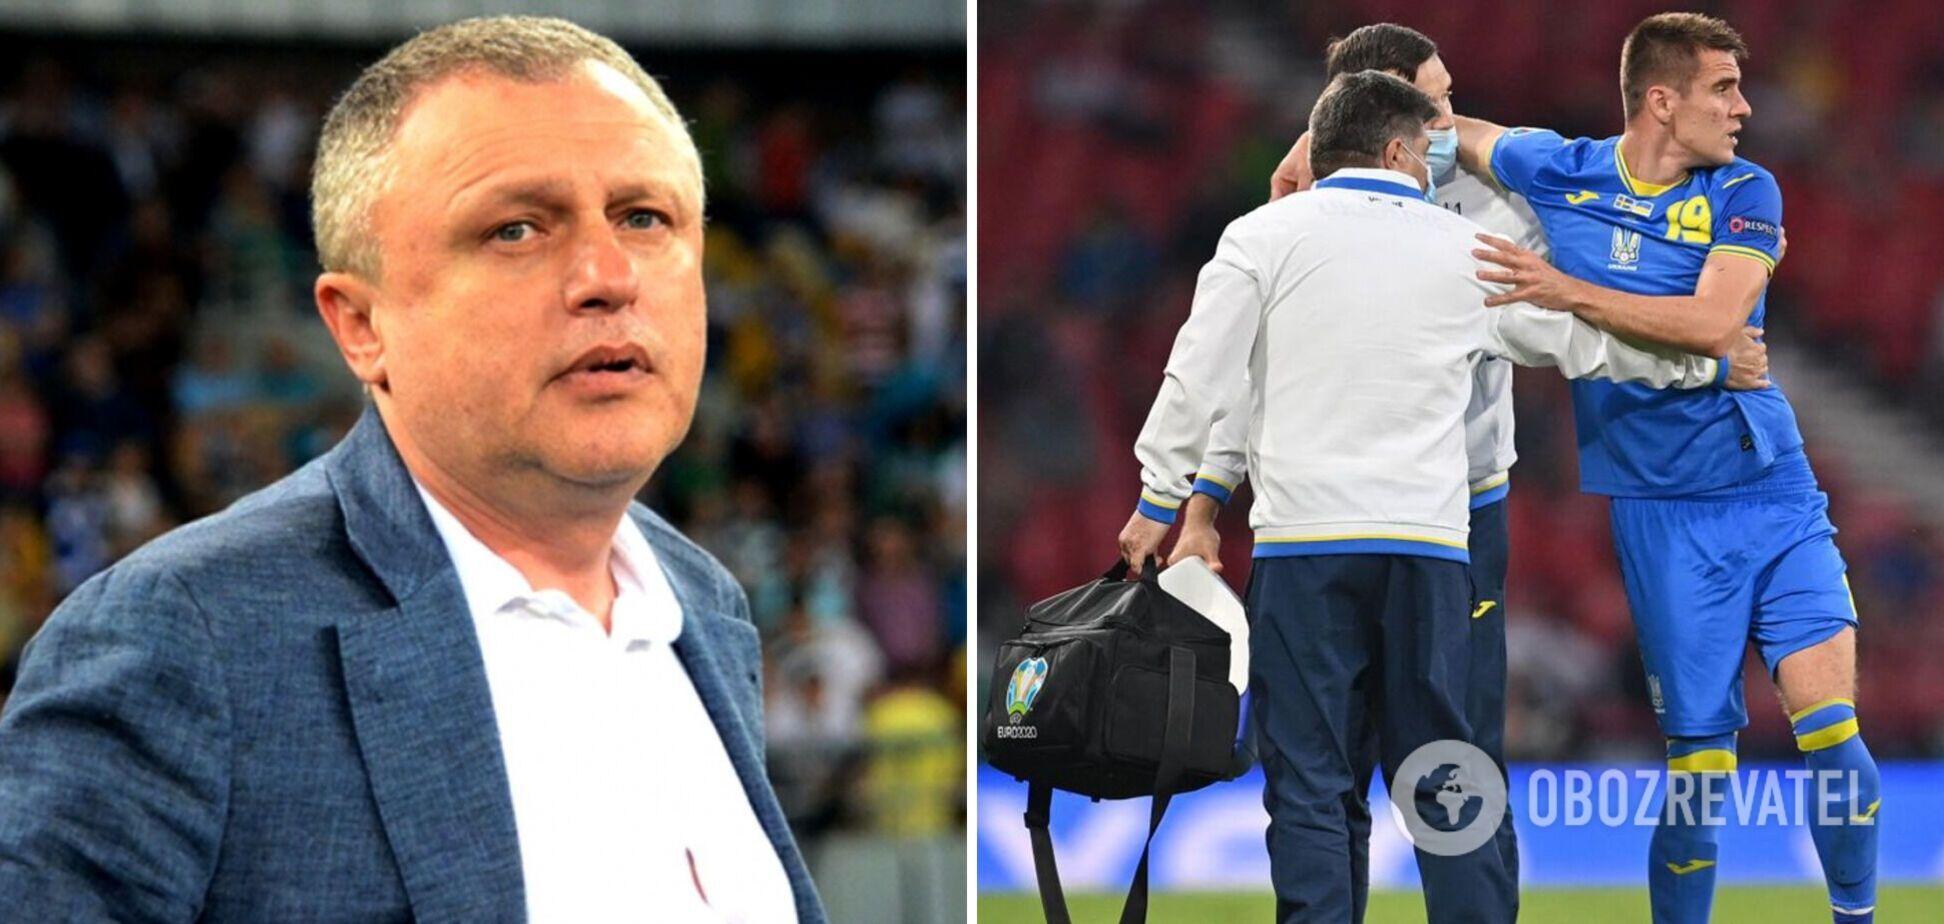 Игорь Суркис выплаты УЕФА травма Беседина